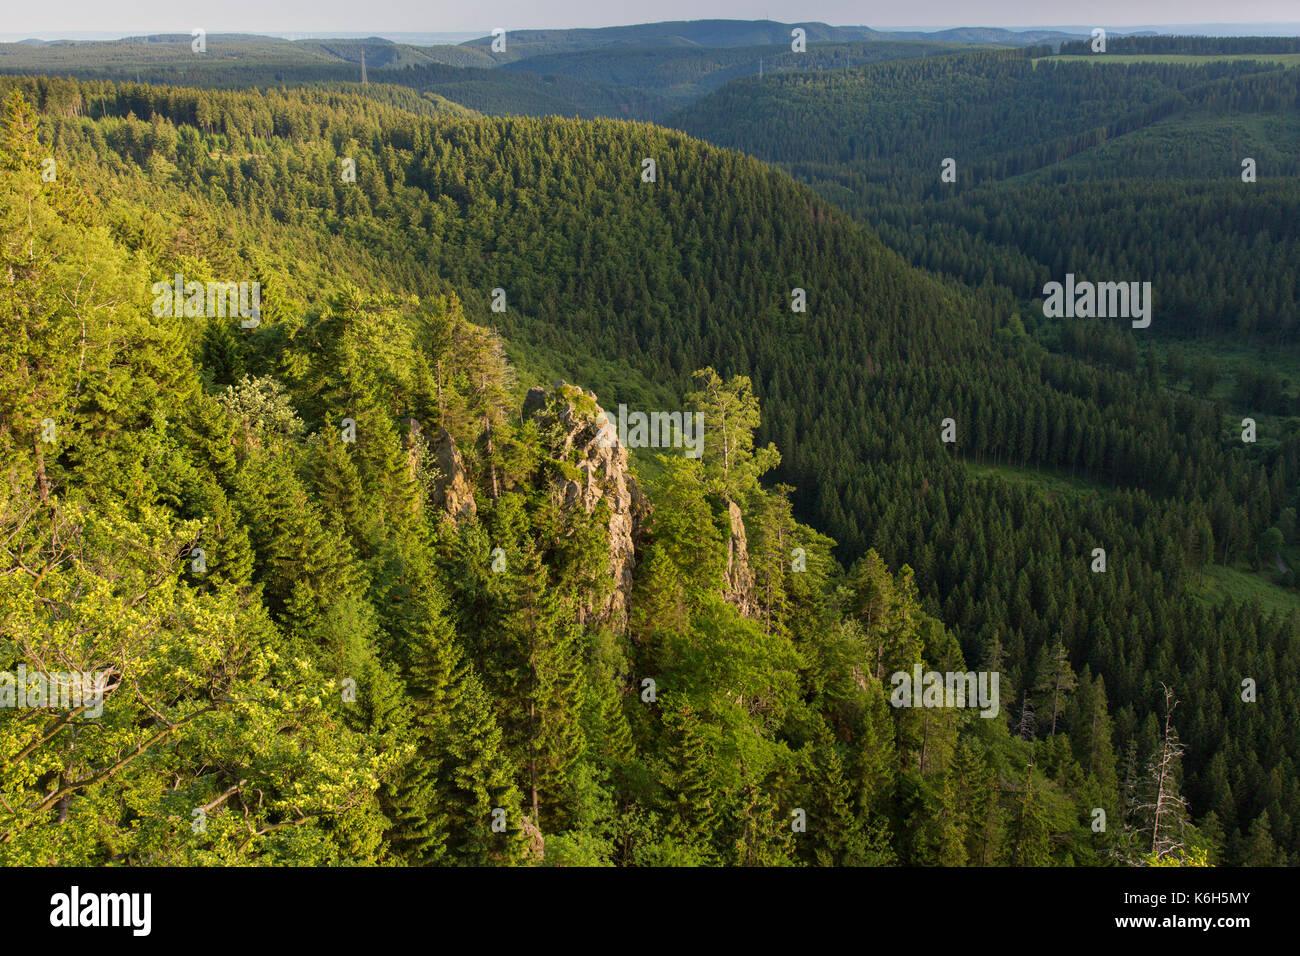 Hahnenkleeklippen/Hahnenklee Crags am oberen Harz / Oberharz im Nationalpark Harz, Niedersachsen, Deutschland Stockbild